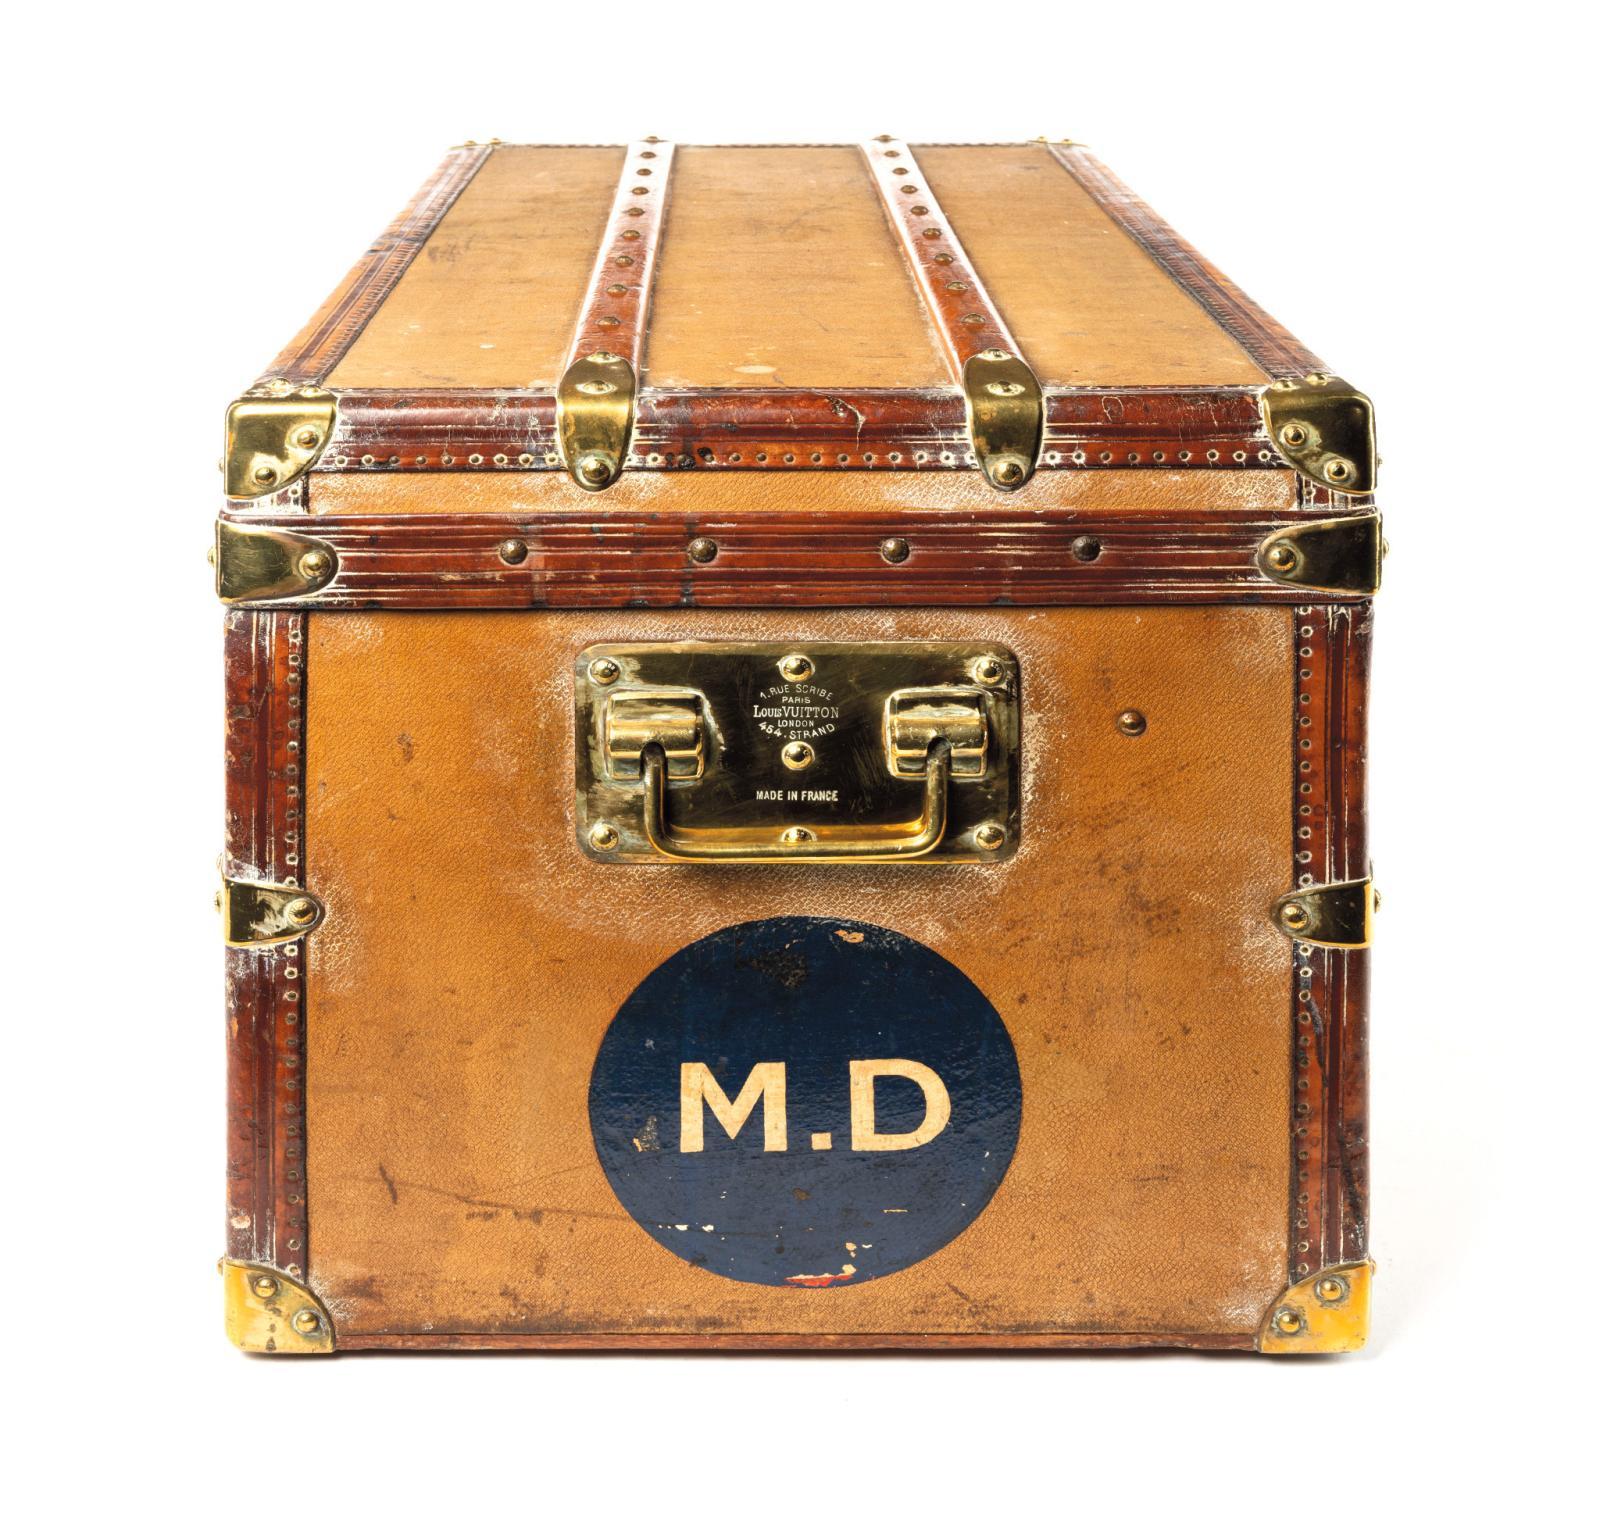 Malle de voyage Louis Vuitton au chiffre «MD», en cuir et armatures de laiton,poignée gravée «1, rue Scribe - Paris et 454 Strand Londo